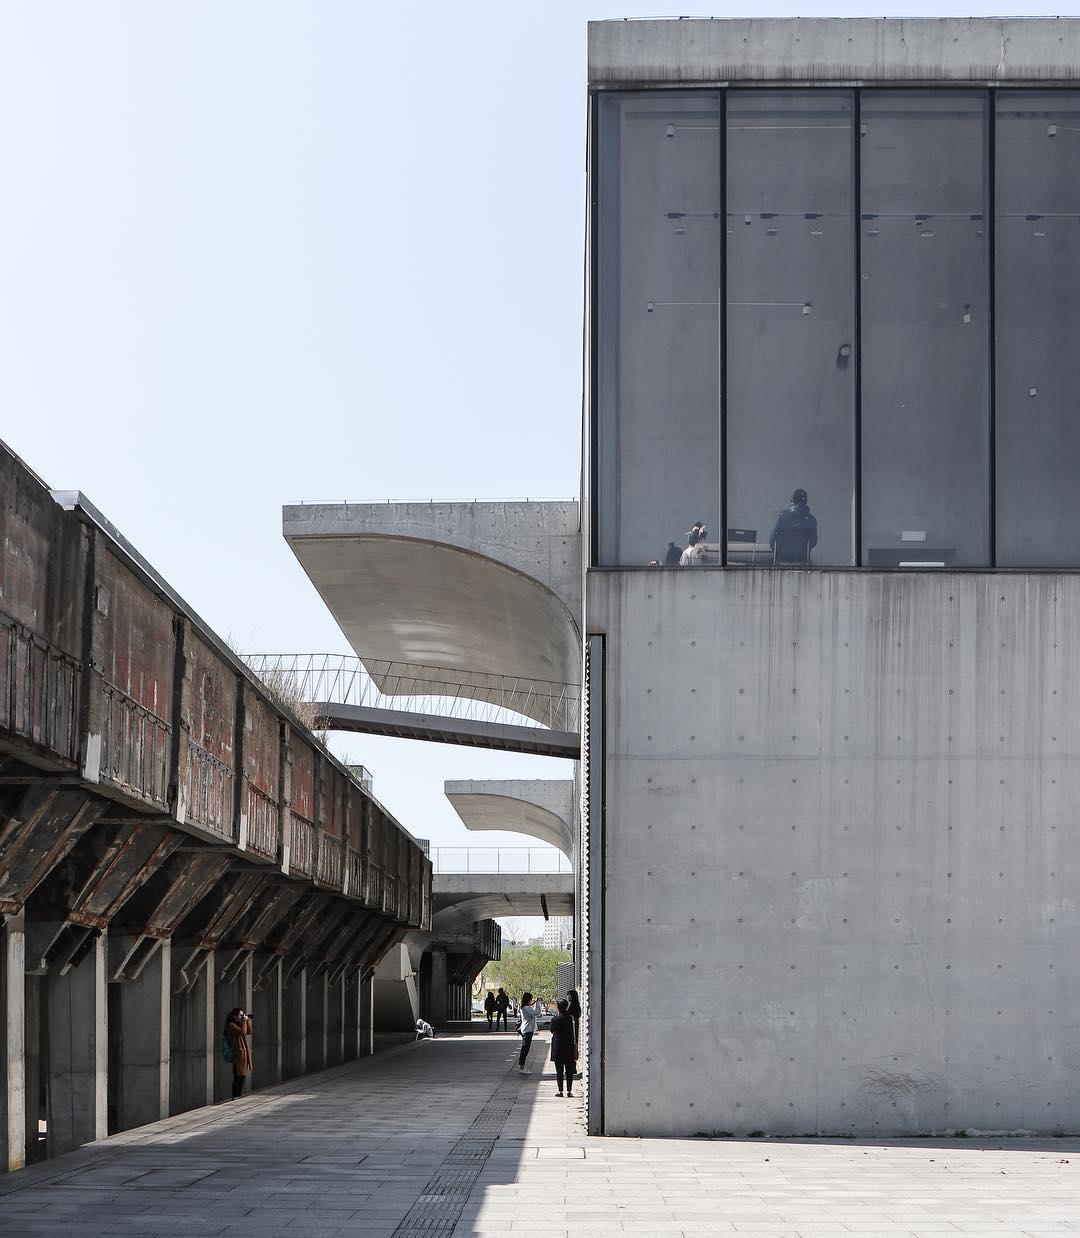 Строительный бум Китая на архитектурных снимках Криса Провоста